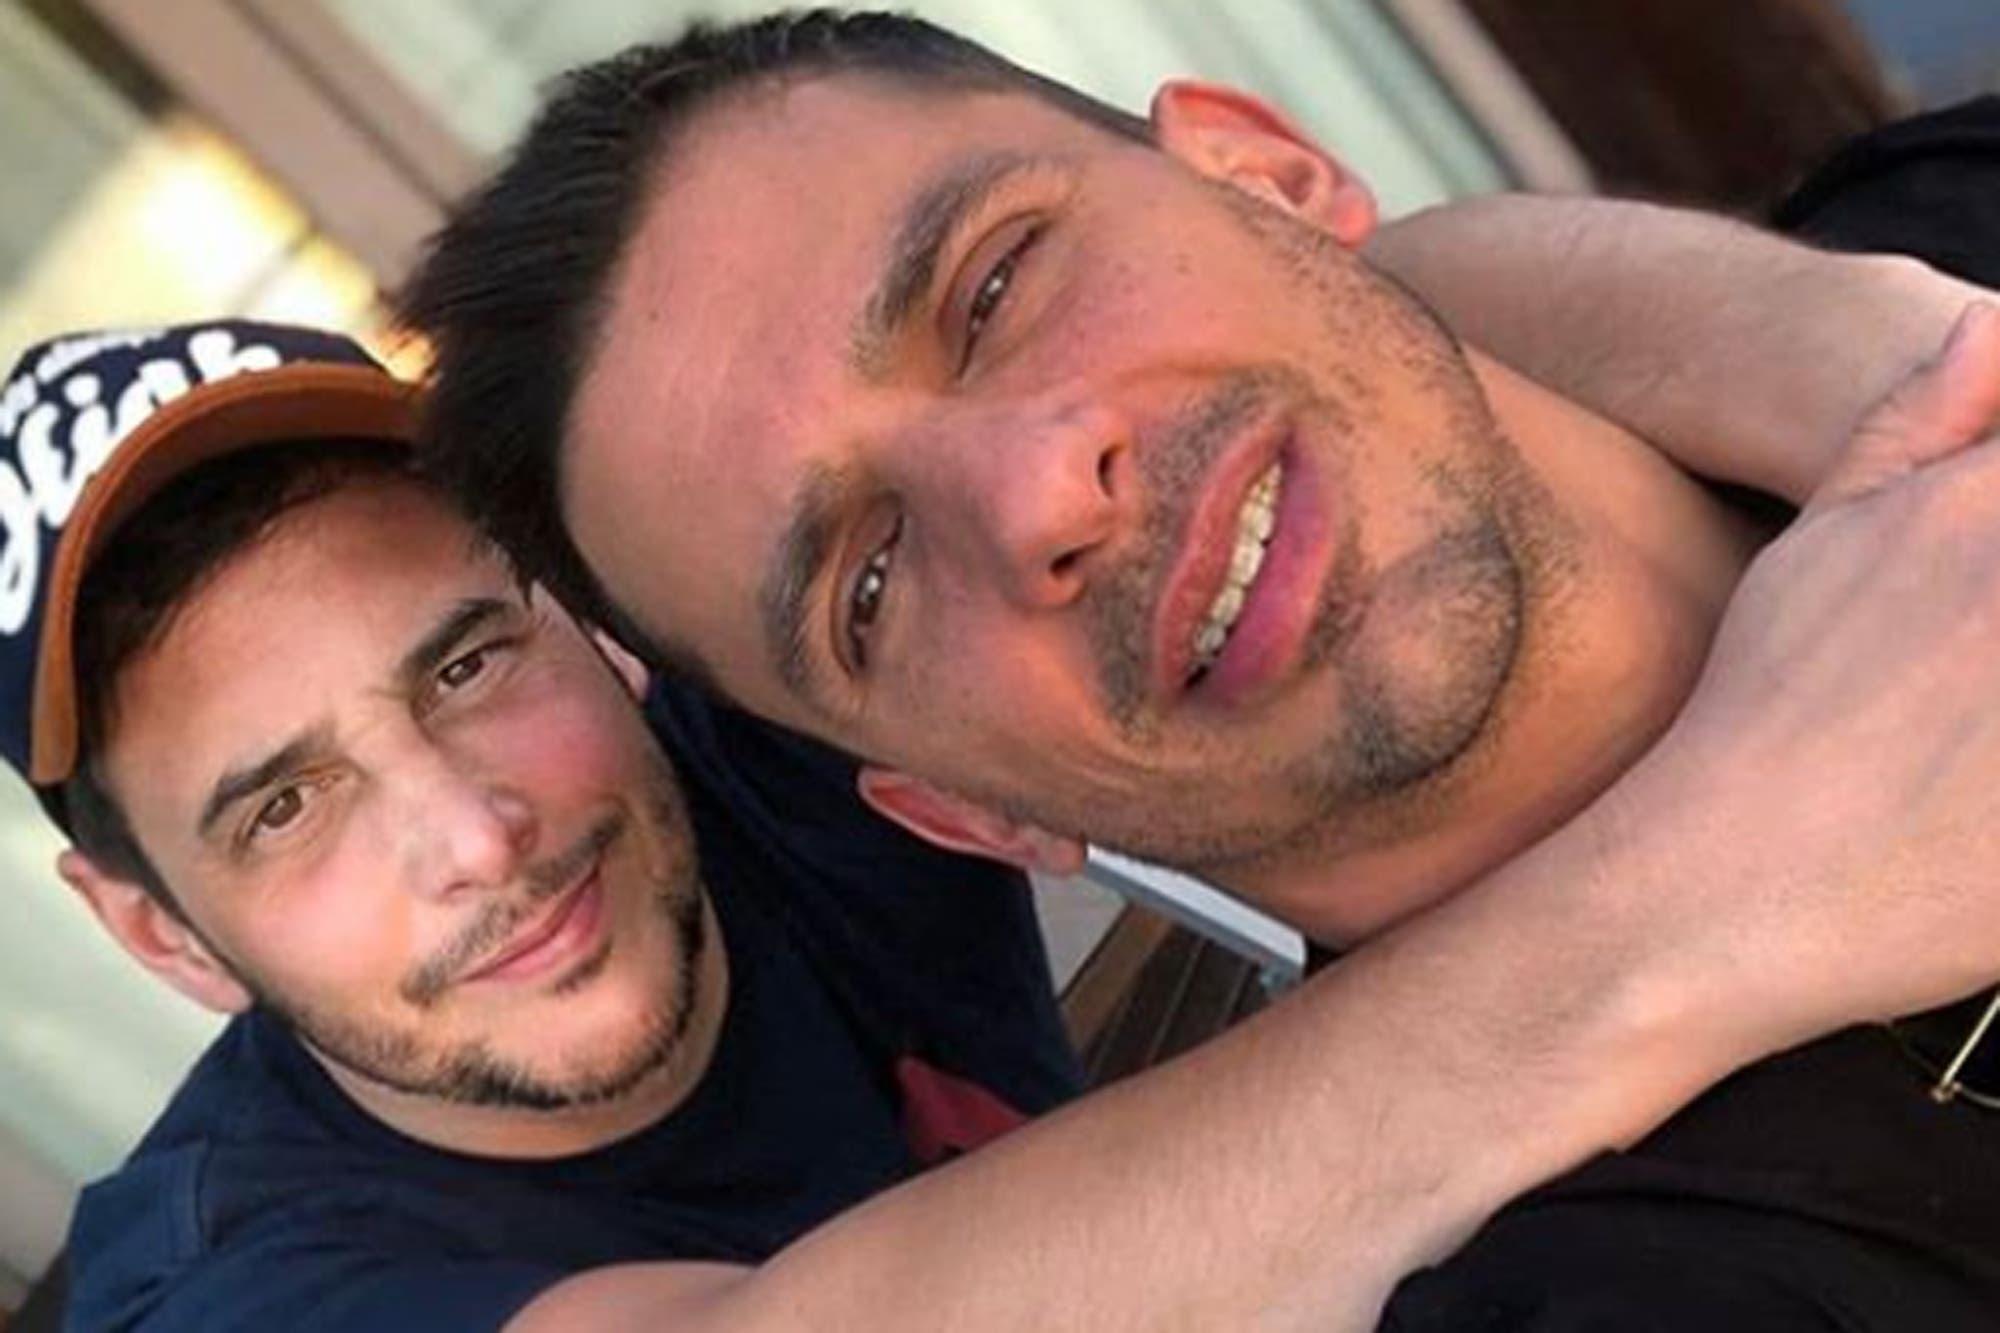 Emocionados, Rodrigo Lussich y su novio hablaron de su romántico compromiso